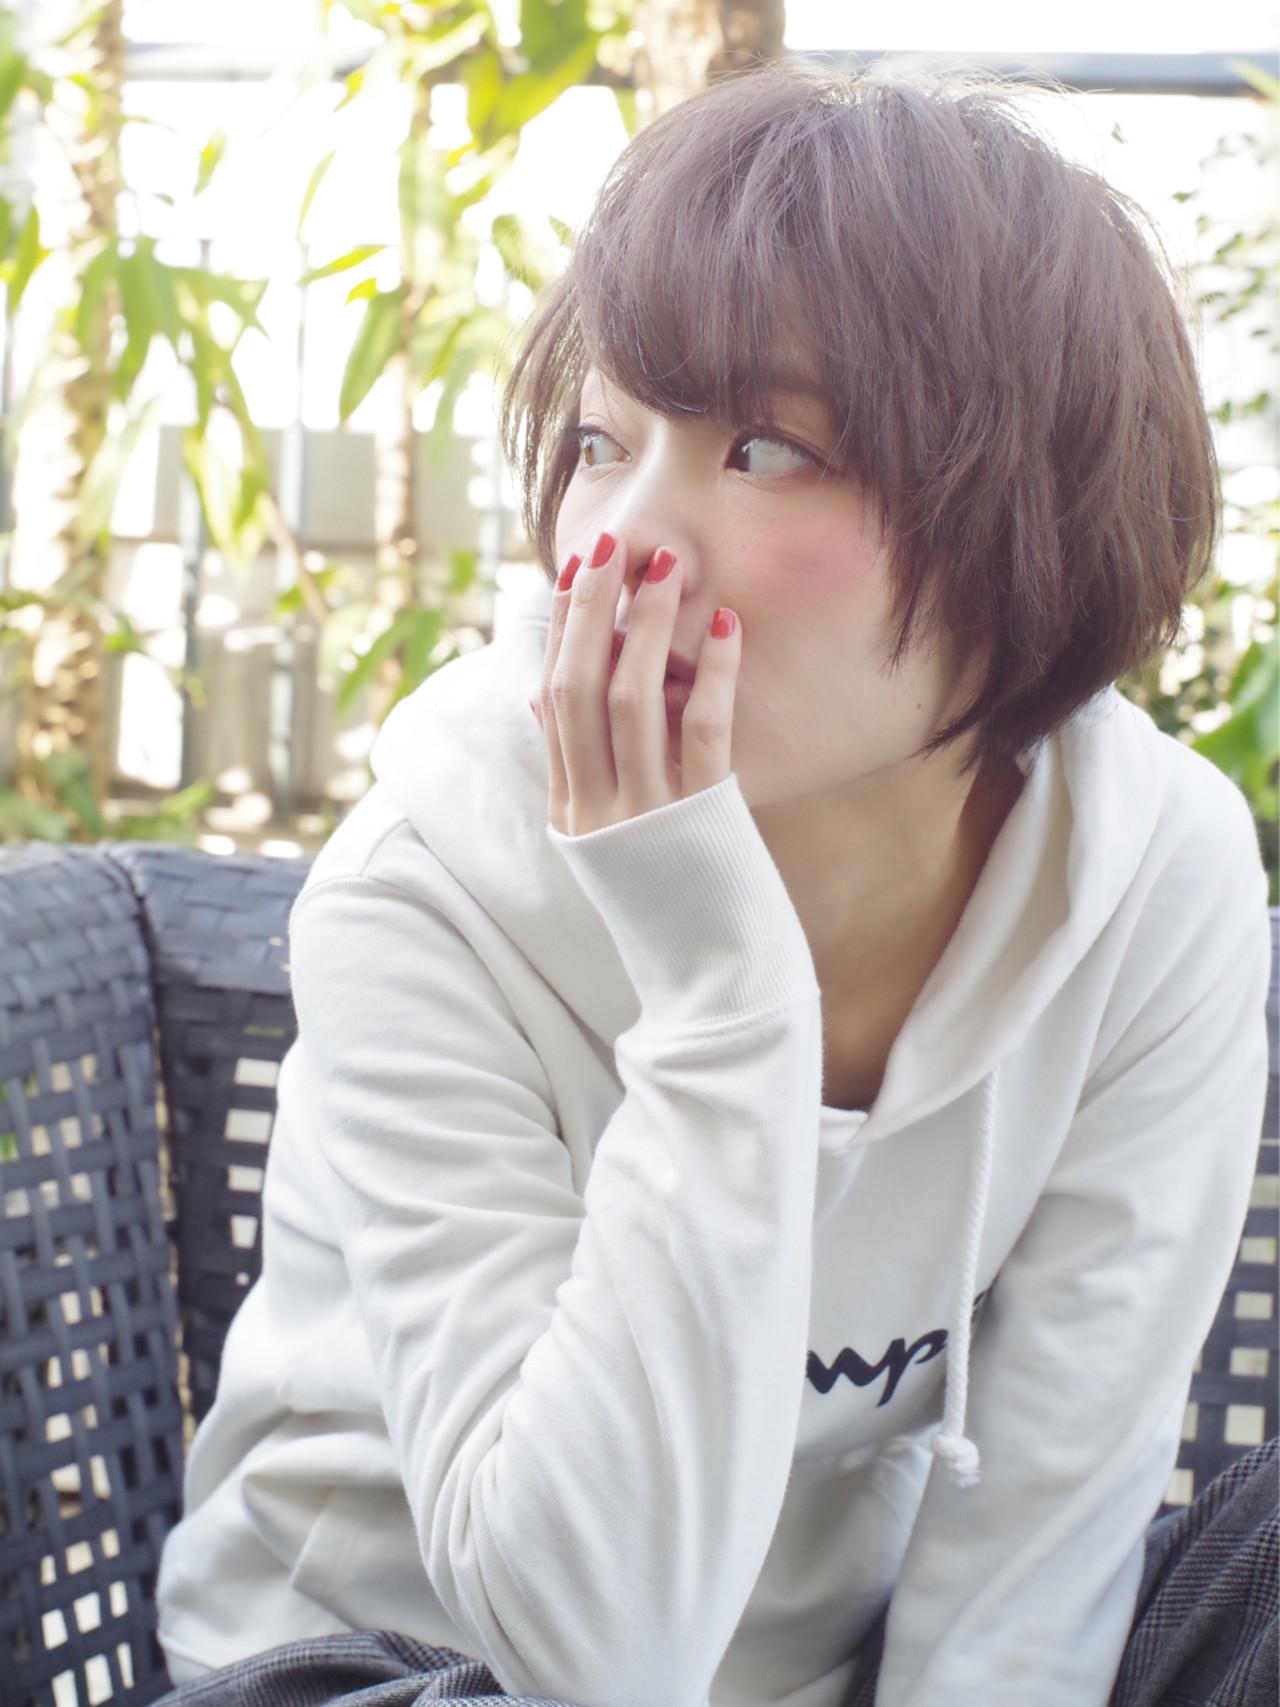 2018 Japanese ShortBob Hair -♡Taste different Hair Catalog ♪ 2